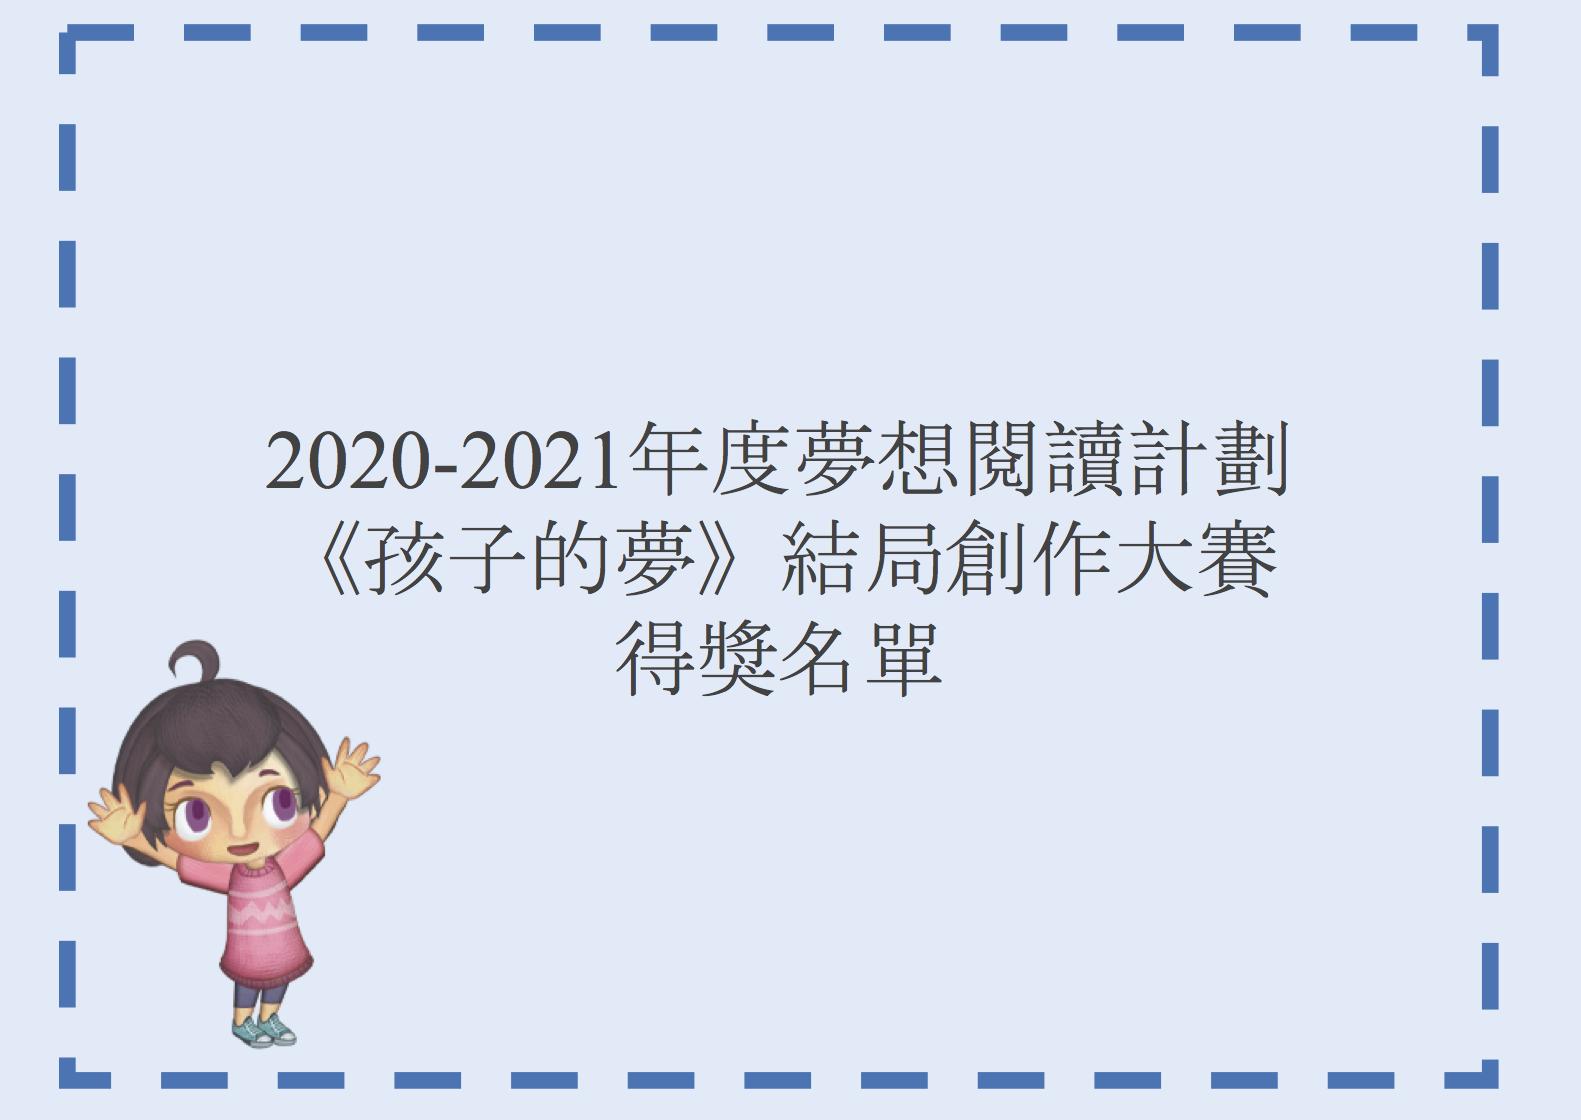 2020-2021年度《孩子的夢》結局創作大賽得獎名單